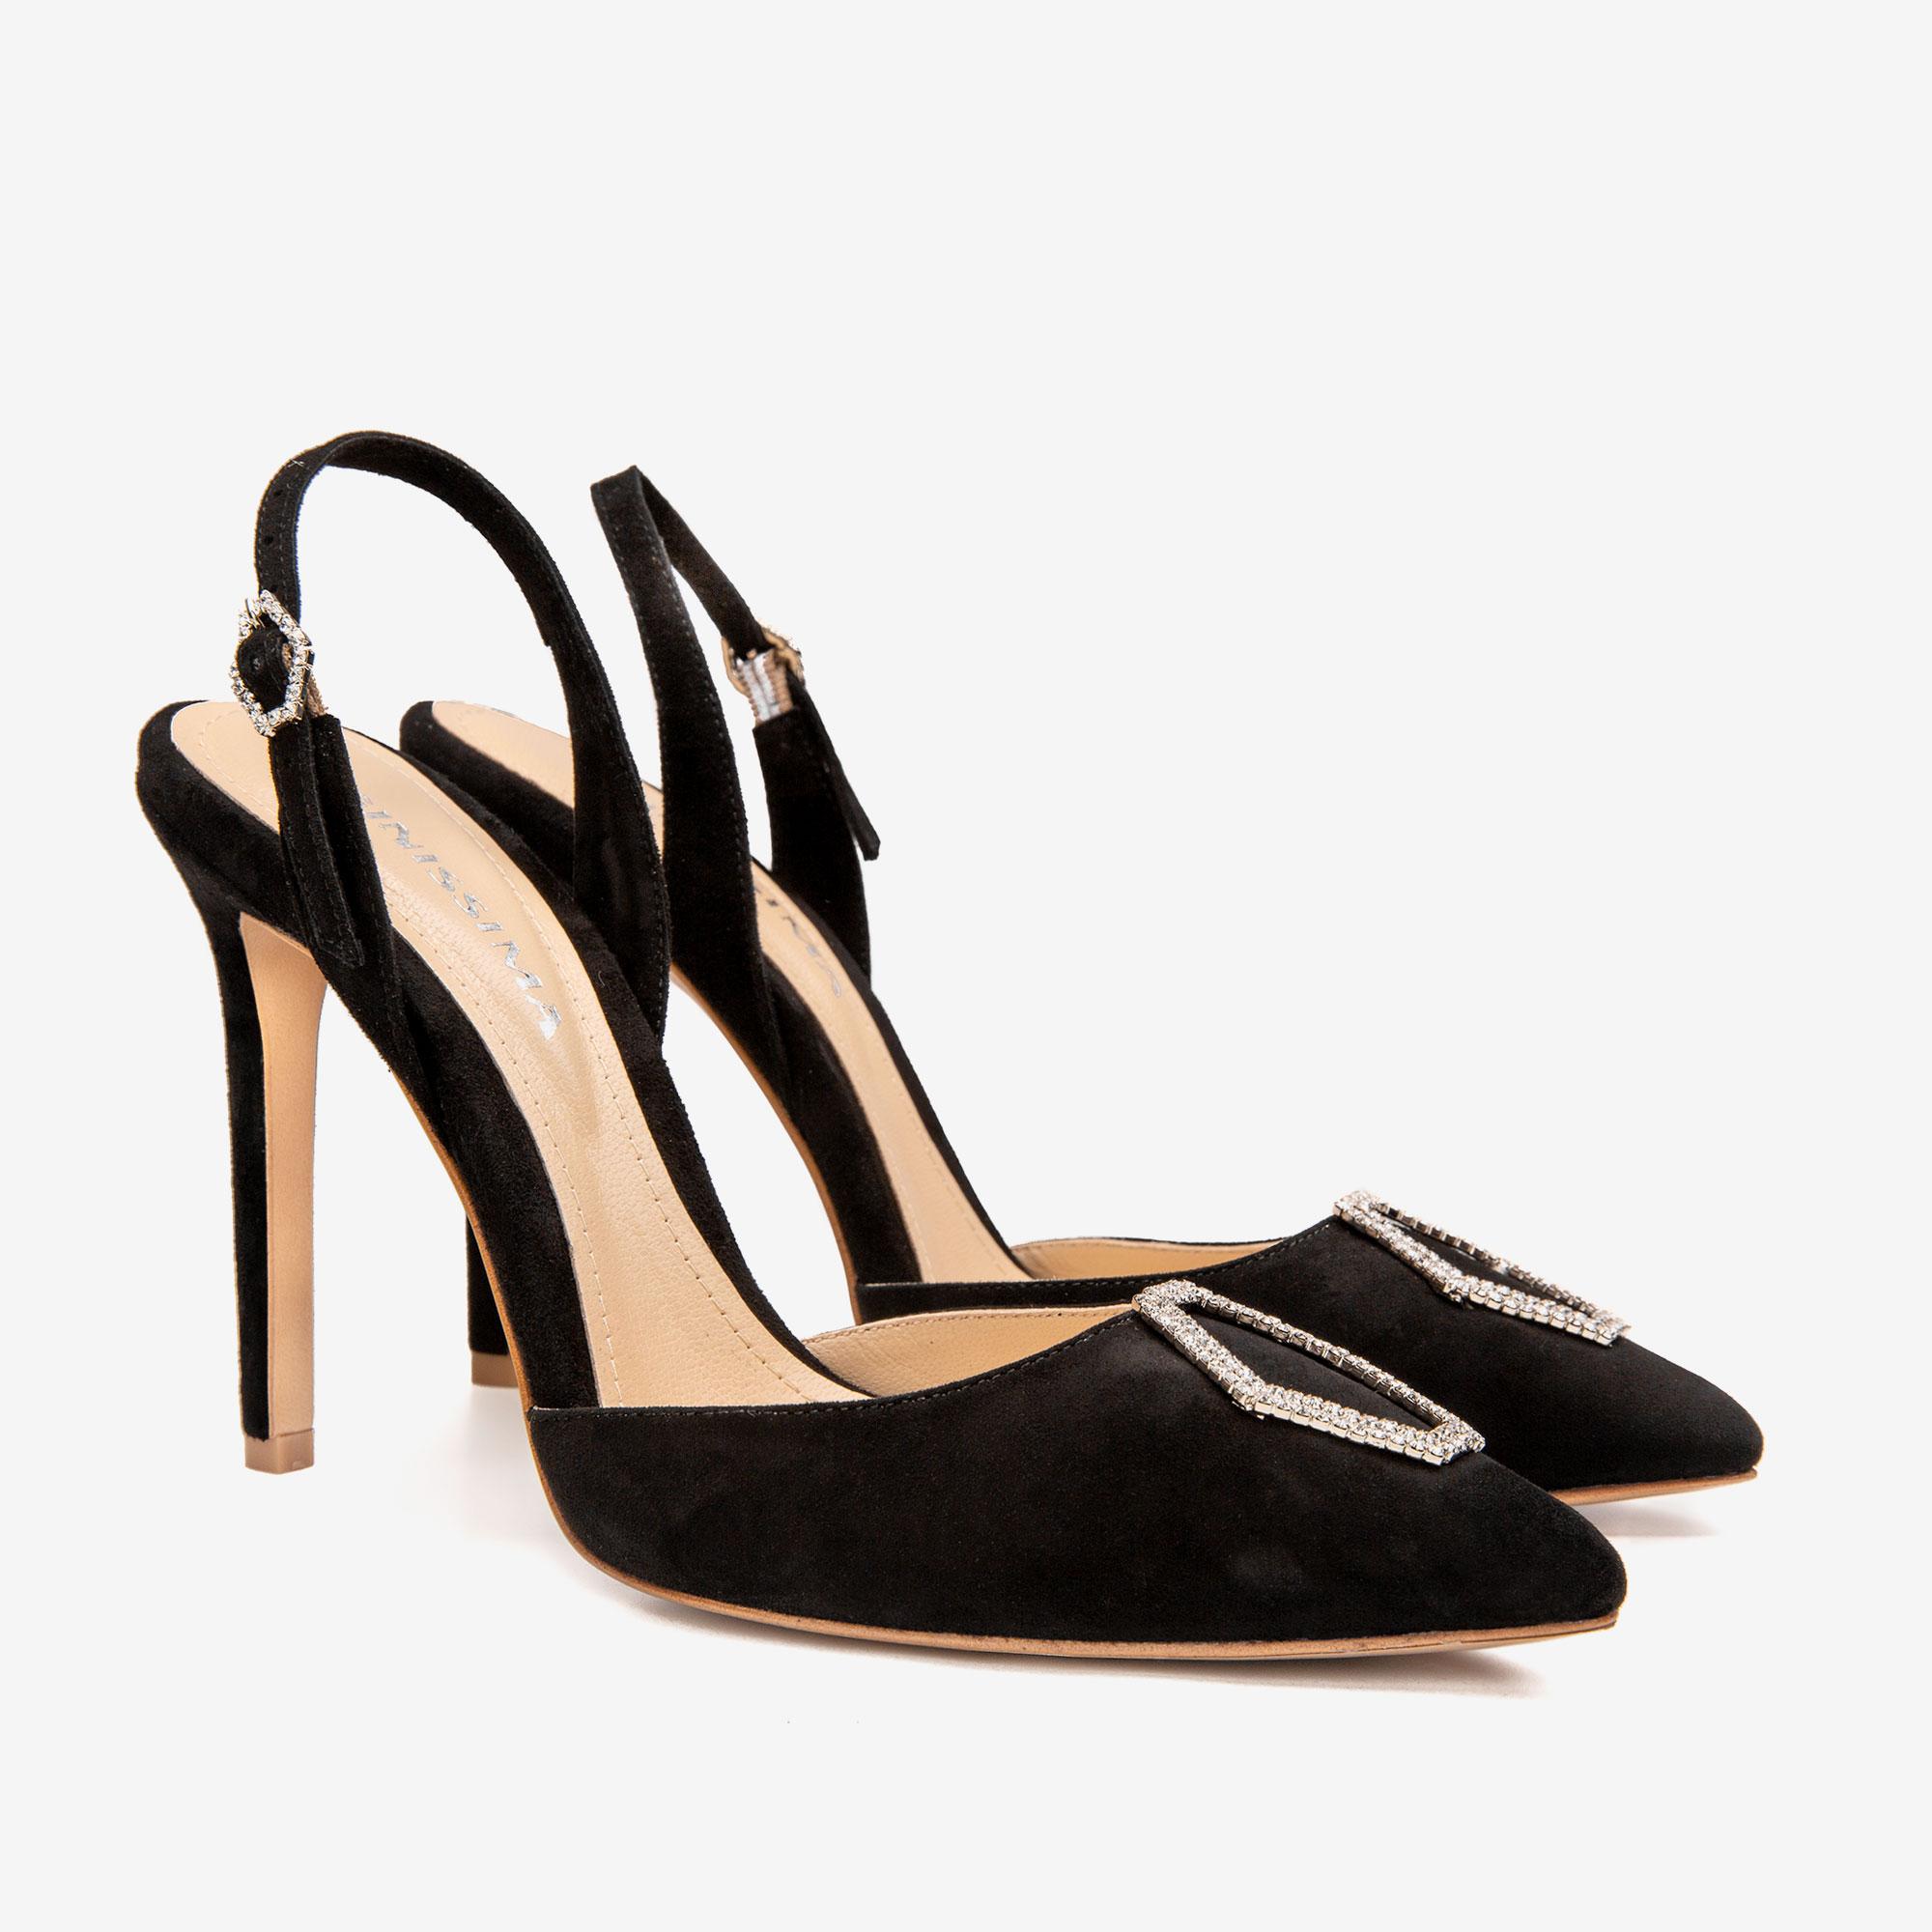 Pantofi din piele intoarsa cu accesoriu Cristal Infinity Ginissima imagine 2